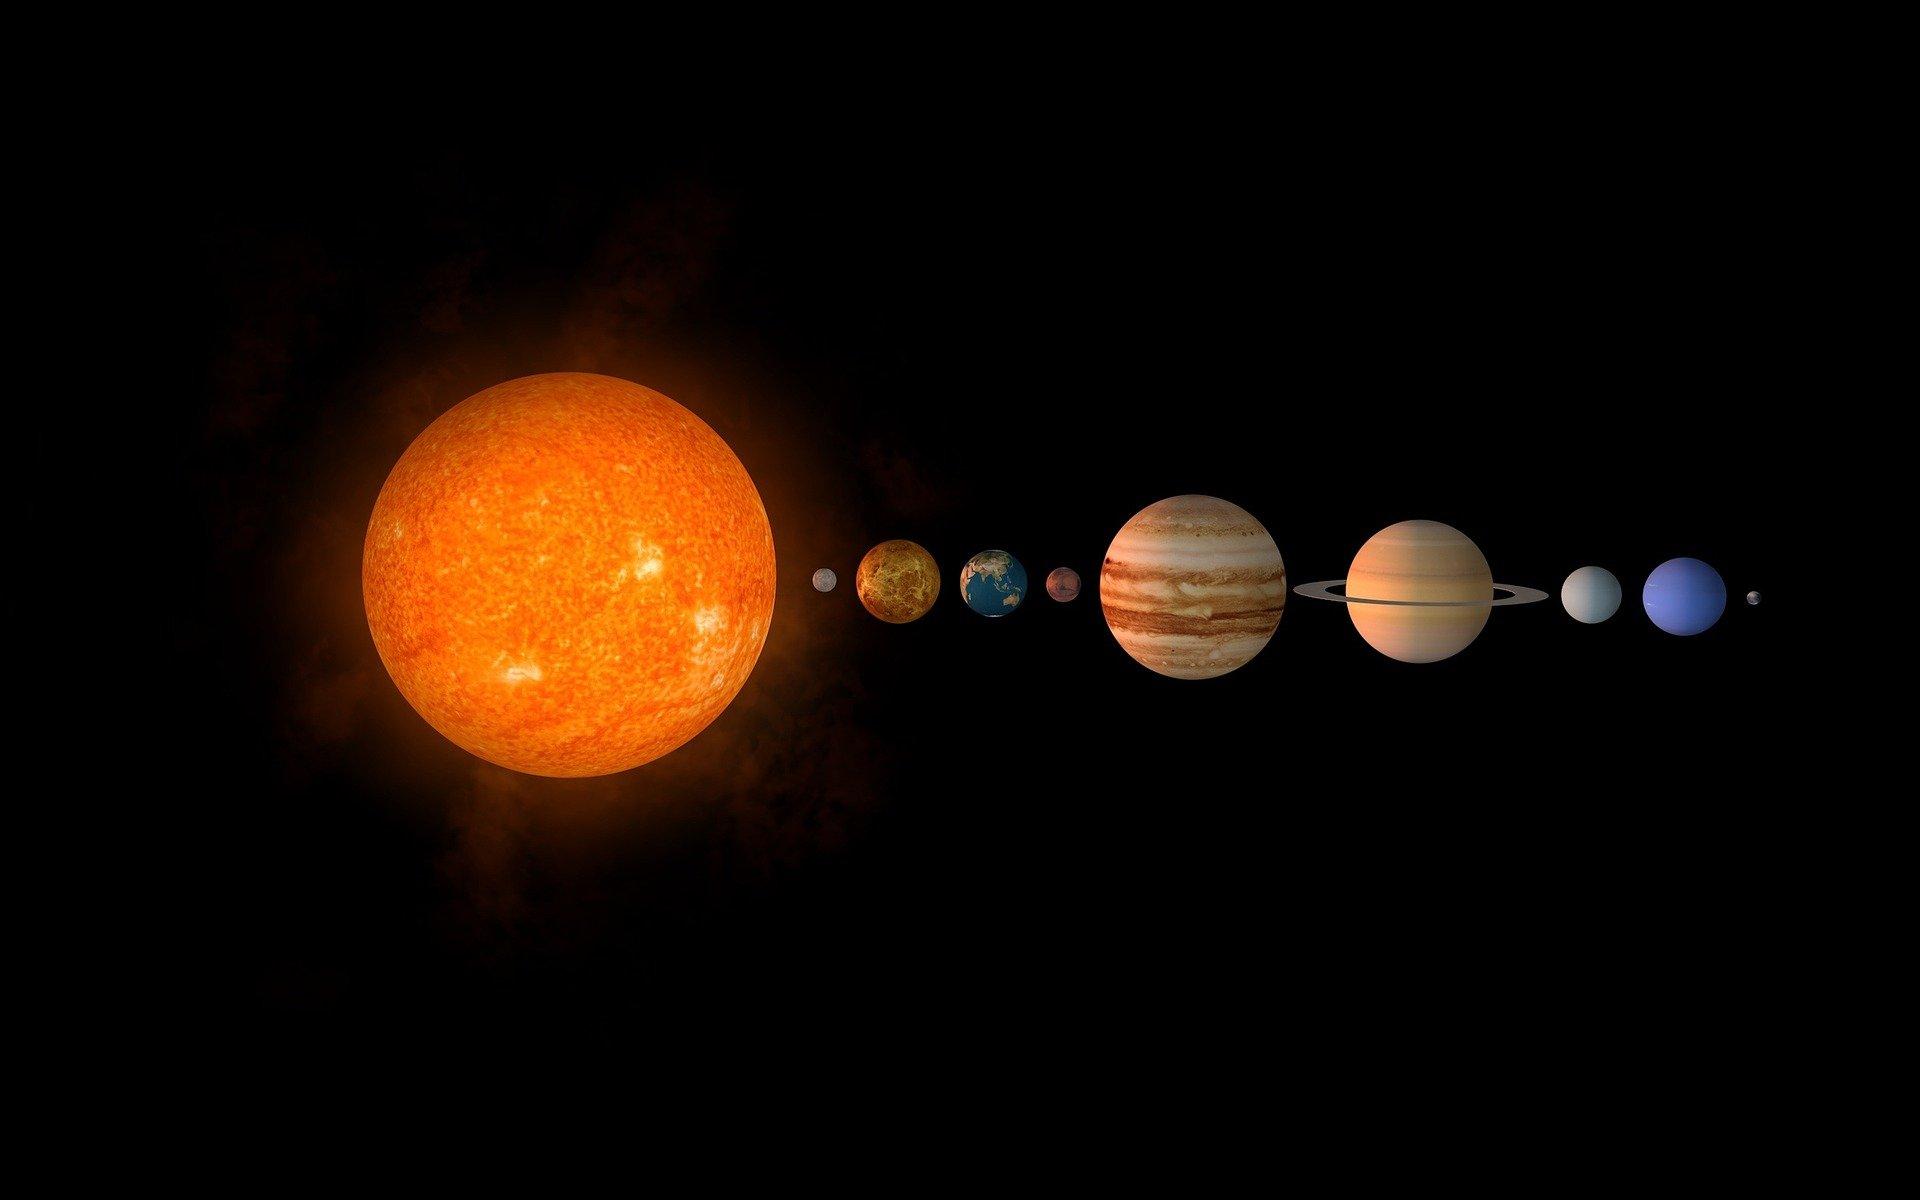 sun-1506019_1920.jpg